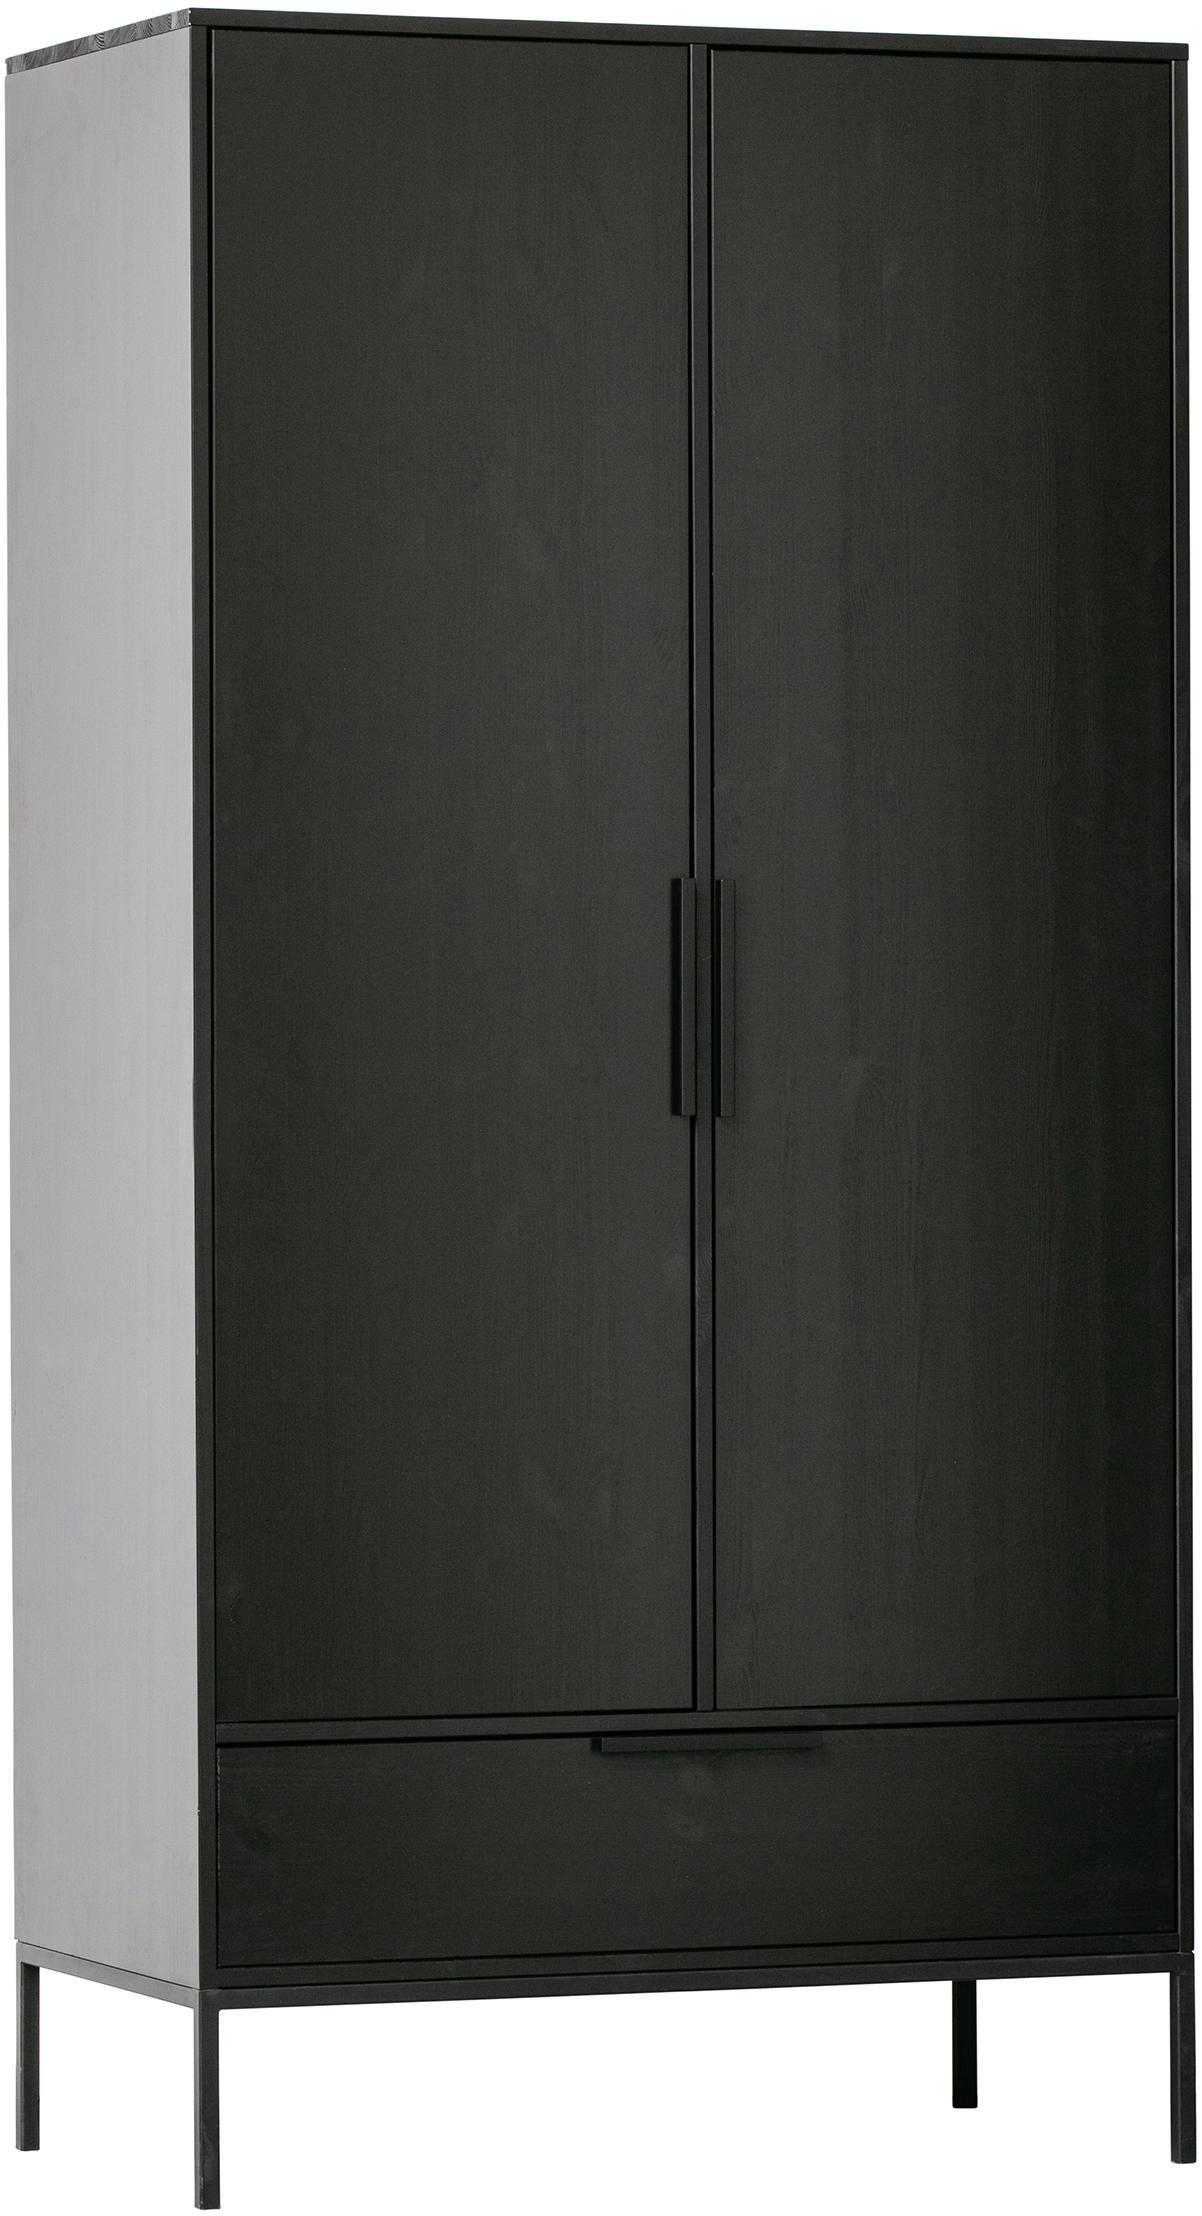 Kleiderschrank Adam, Korpus: Kiefernholz, lackiert, Einlegeböden: Spanplatte, laminiert, Füße: Metall, beschichtet, Schwarz, 100 x 200 cm